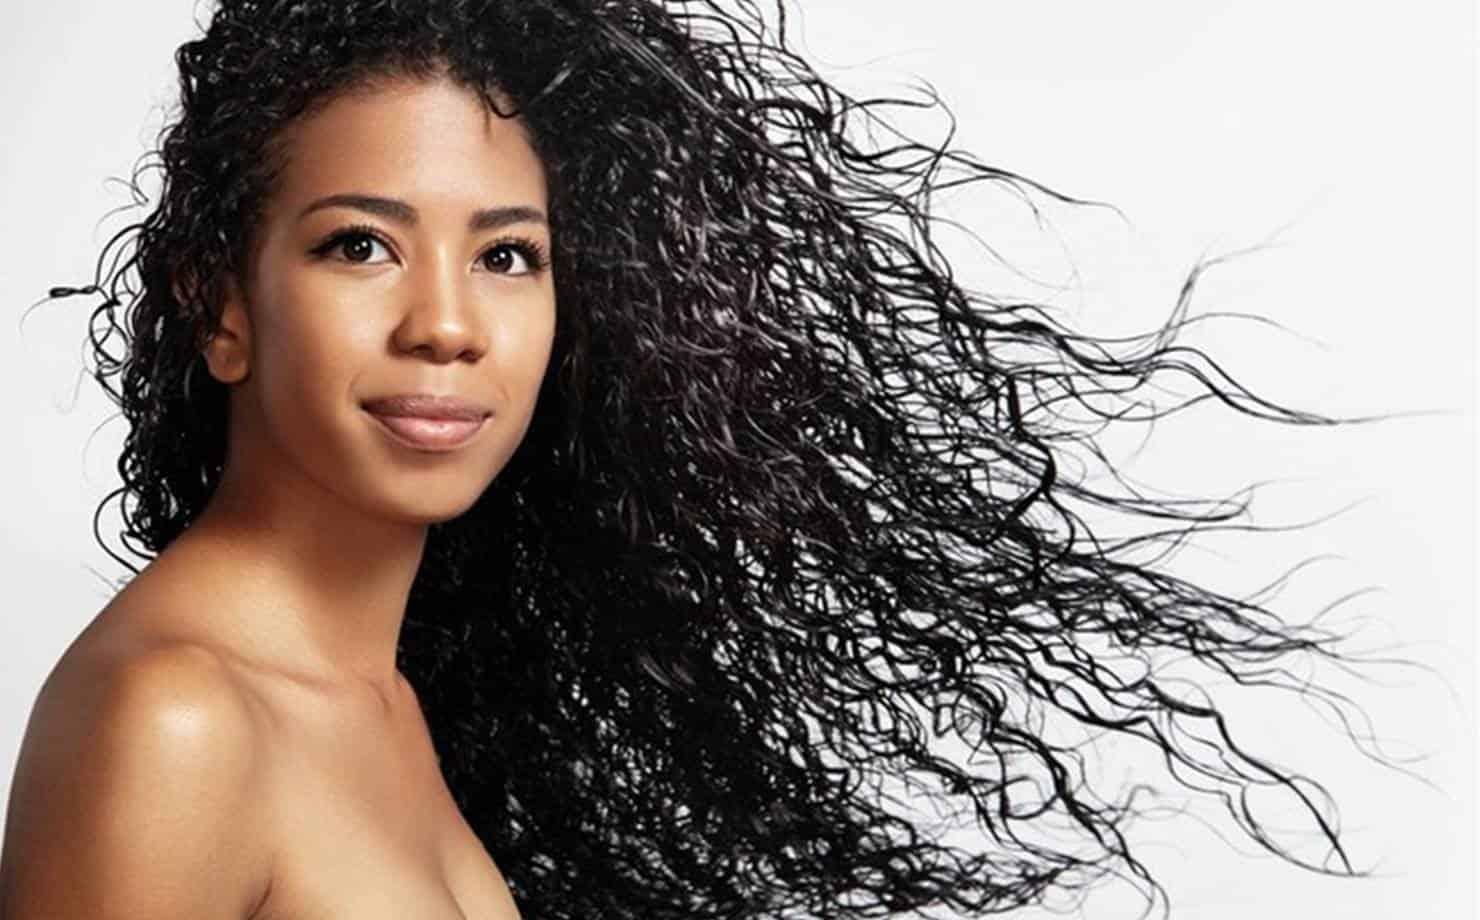 Mulher Negra com Cabelo Bem Tratado e Pele Bonita